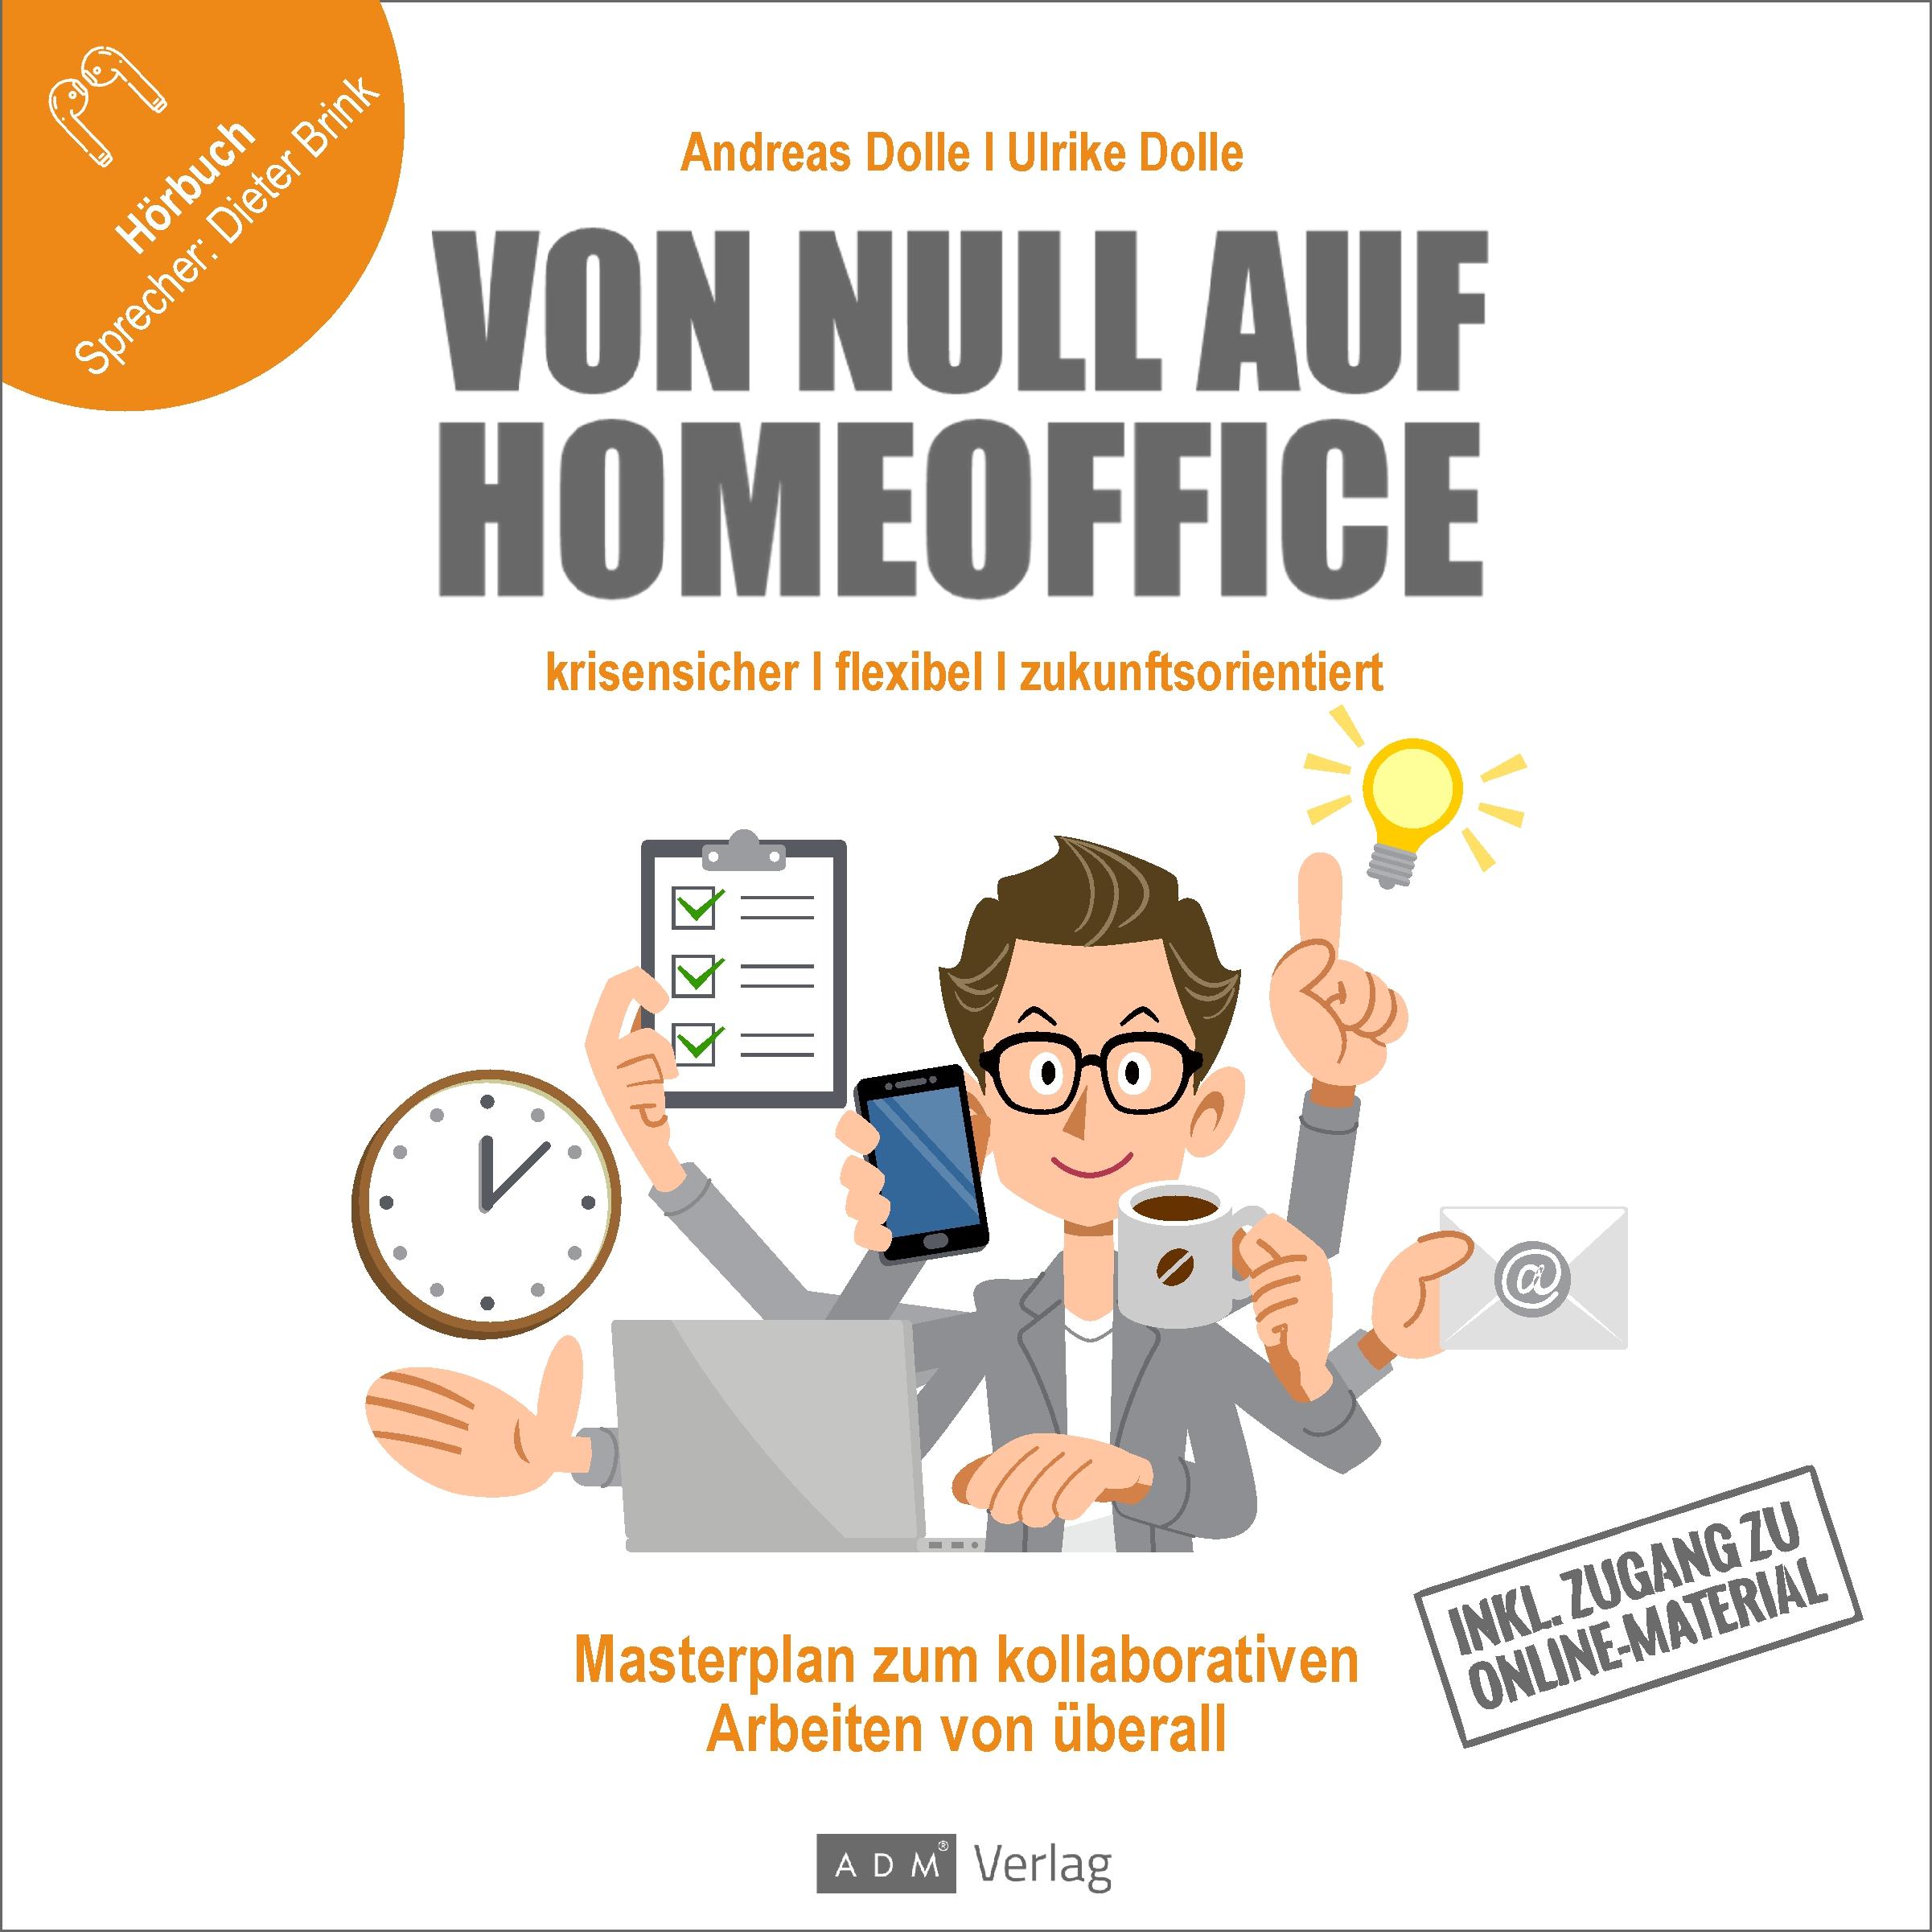 Hörbuch: Von Null auf Homeoffice - Masterplan für kollaboratives Arbeiten von überall - krisensicher, flexibel, zukunftsorientiert